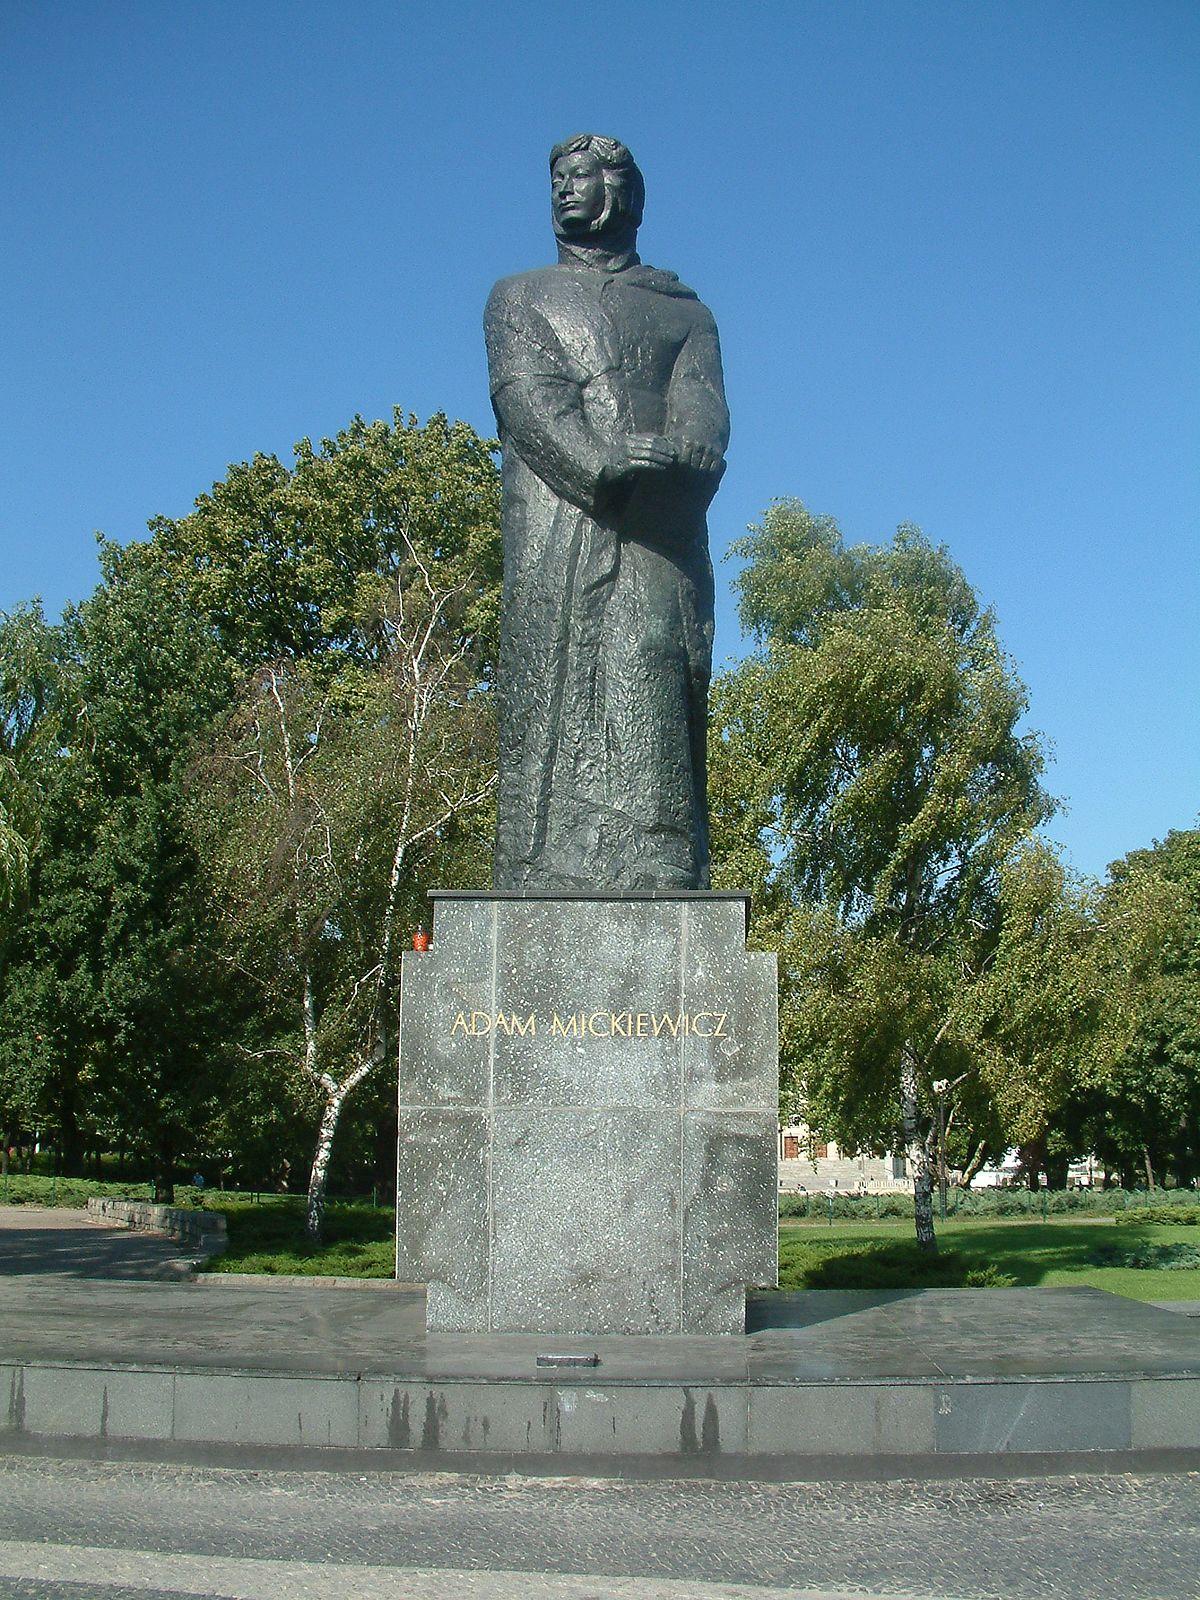 Pomnik Adama Mickiewicza w Poznaniu - Wikimedia Commons